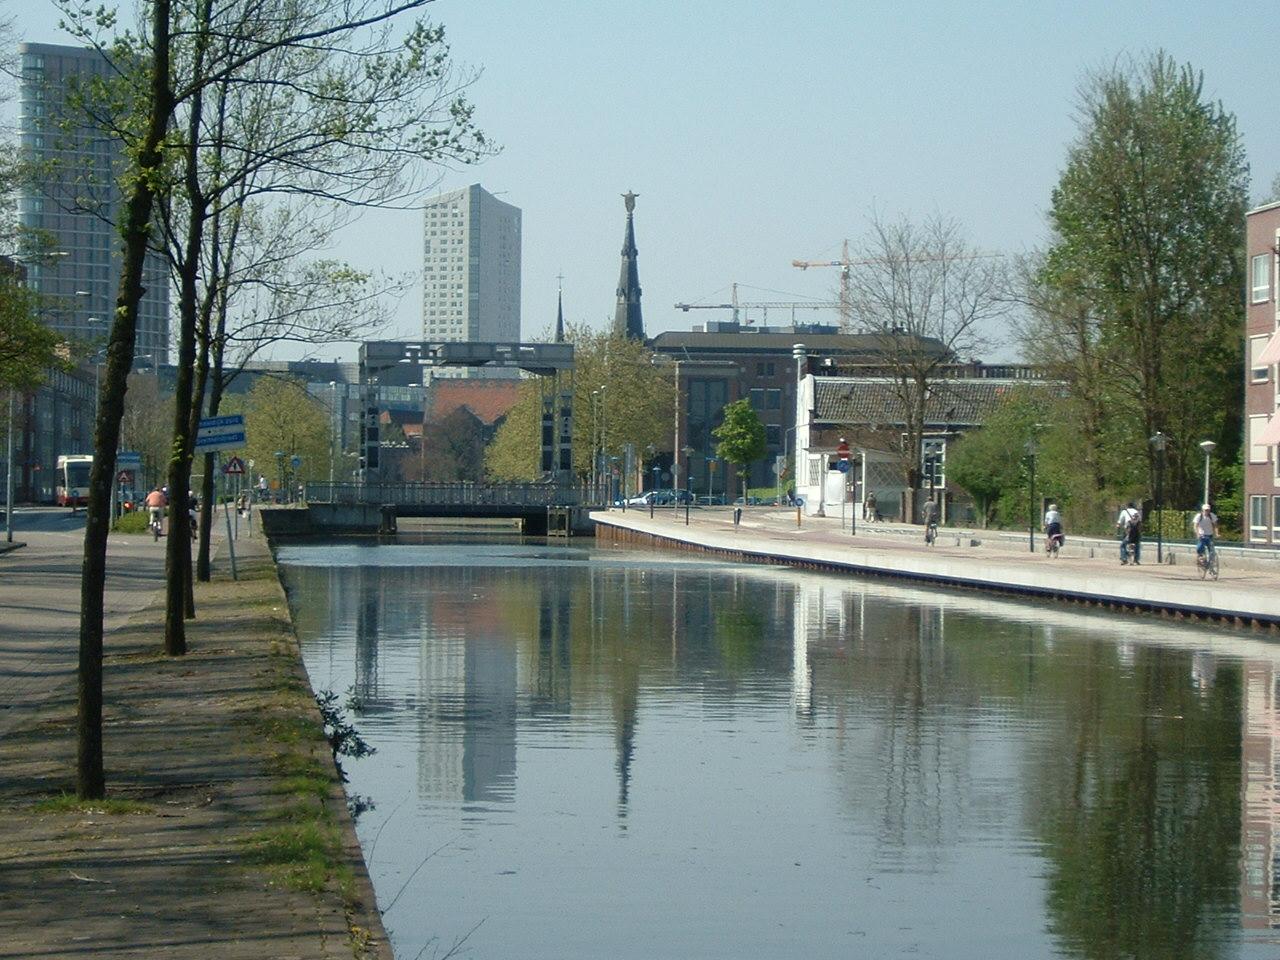 Eindhovens Kanaal als Ecologische Verbindingszone